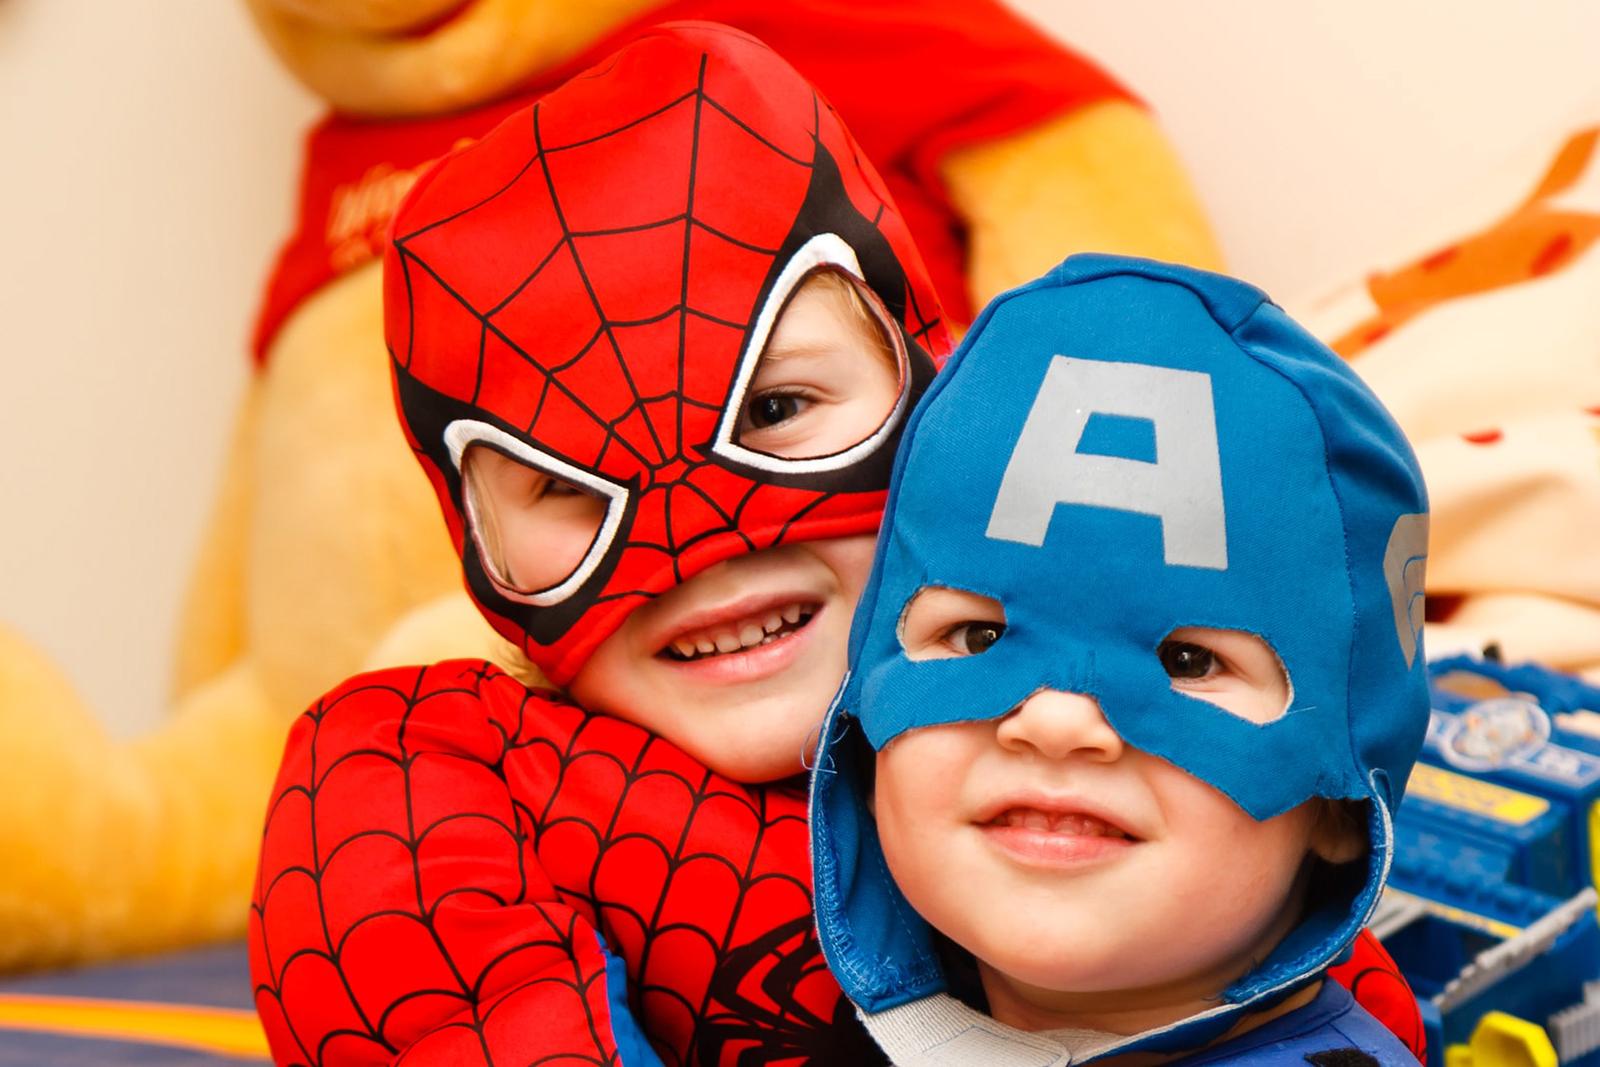 Crianças vestidas de super-hérois homem aranha e capitão américa